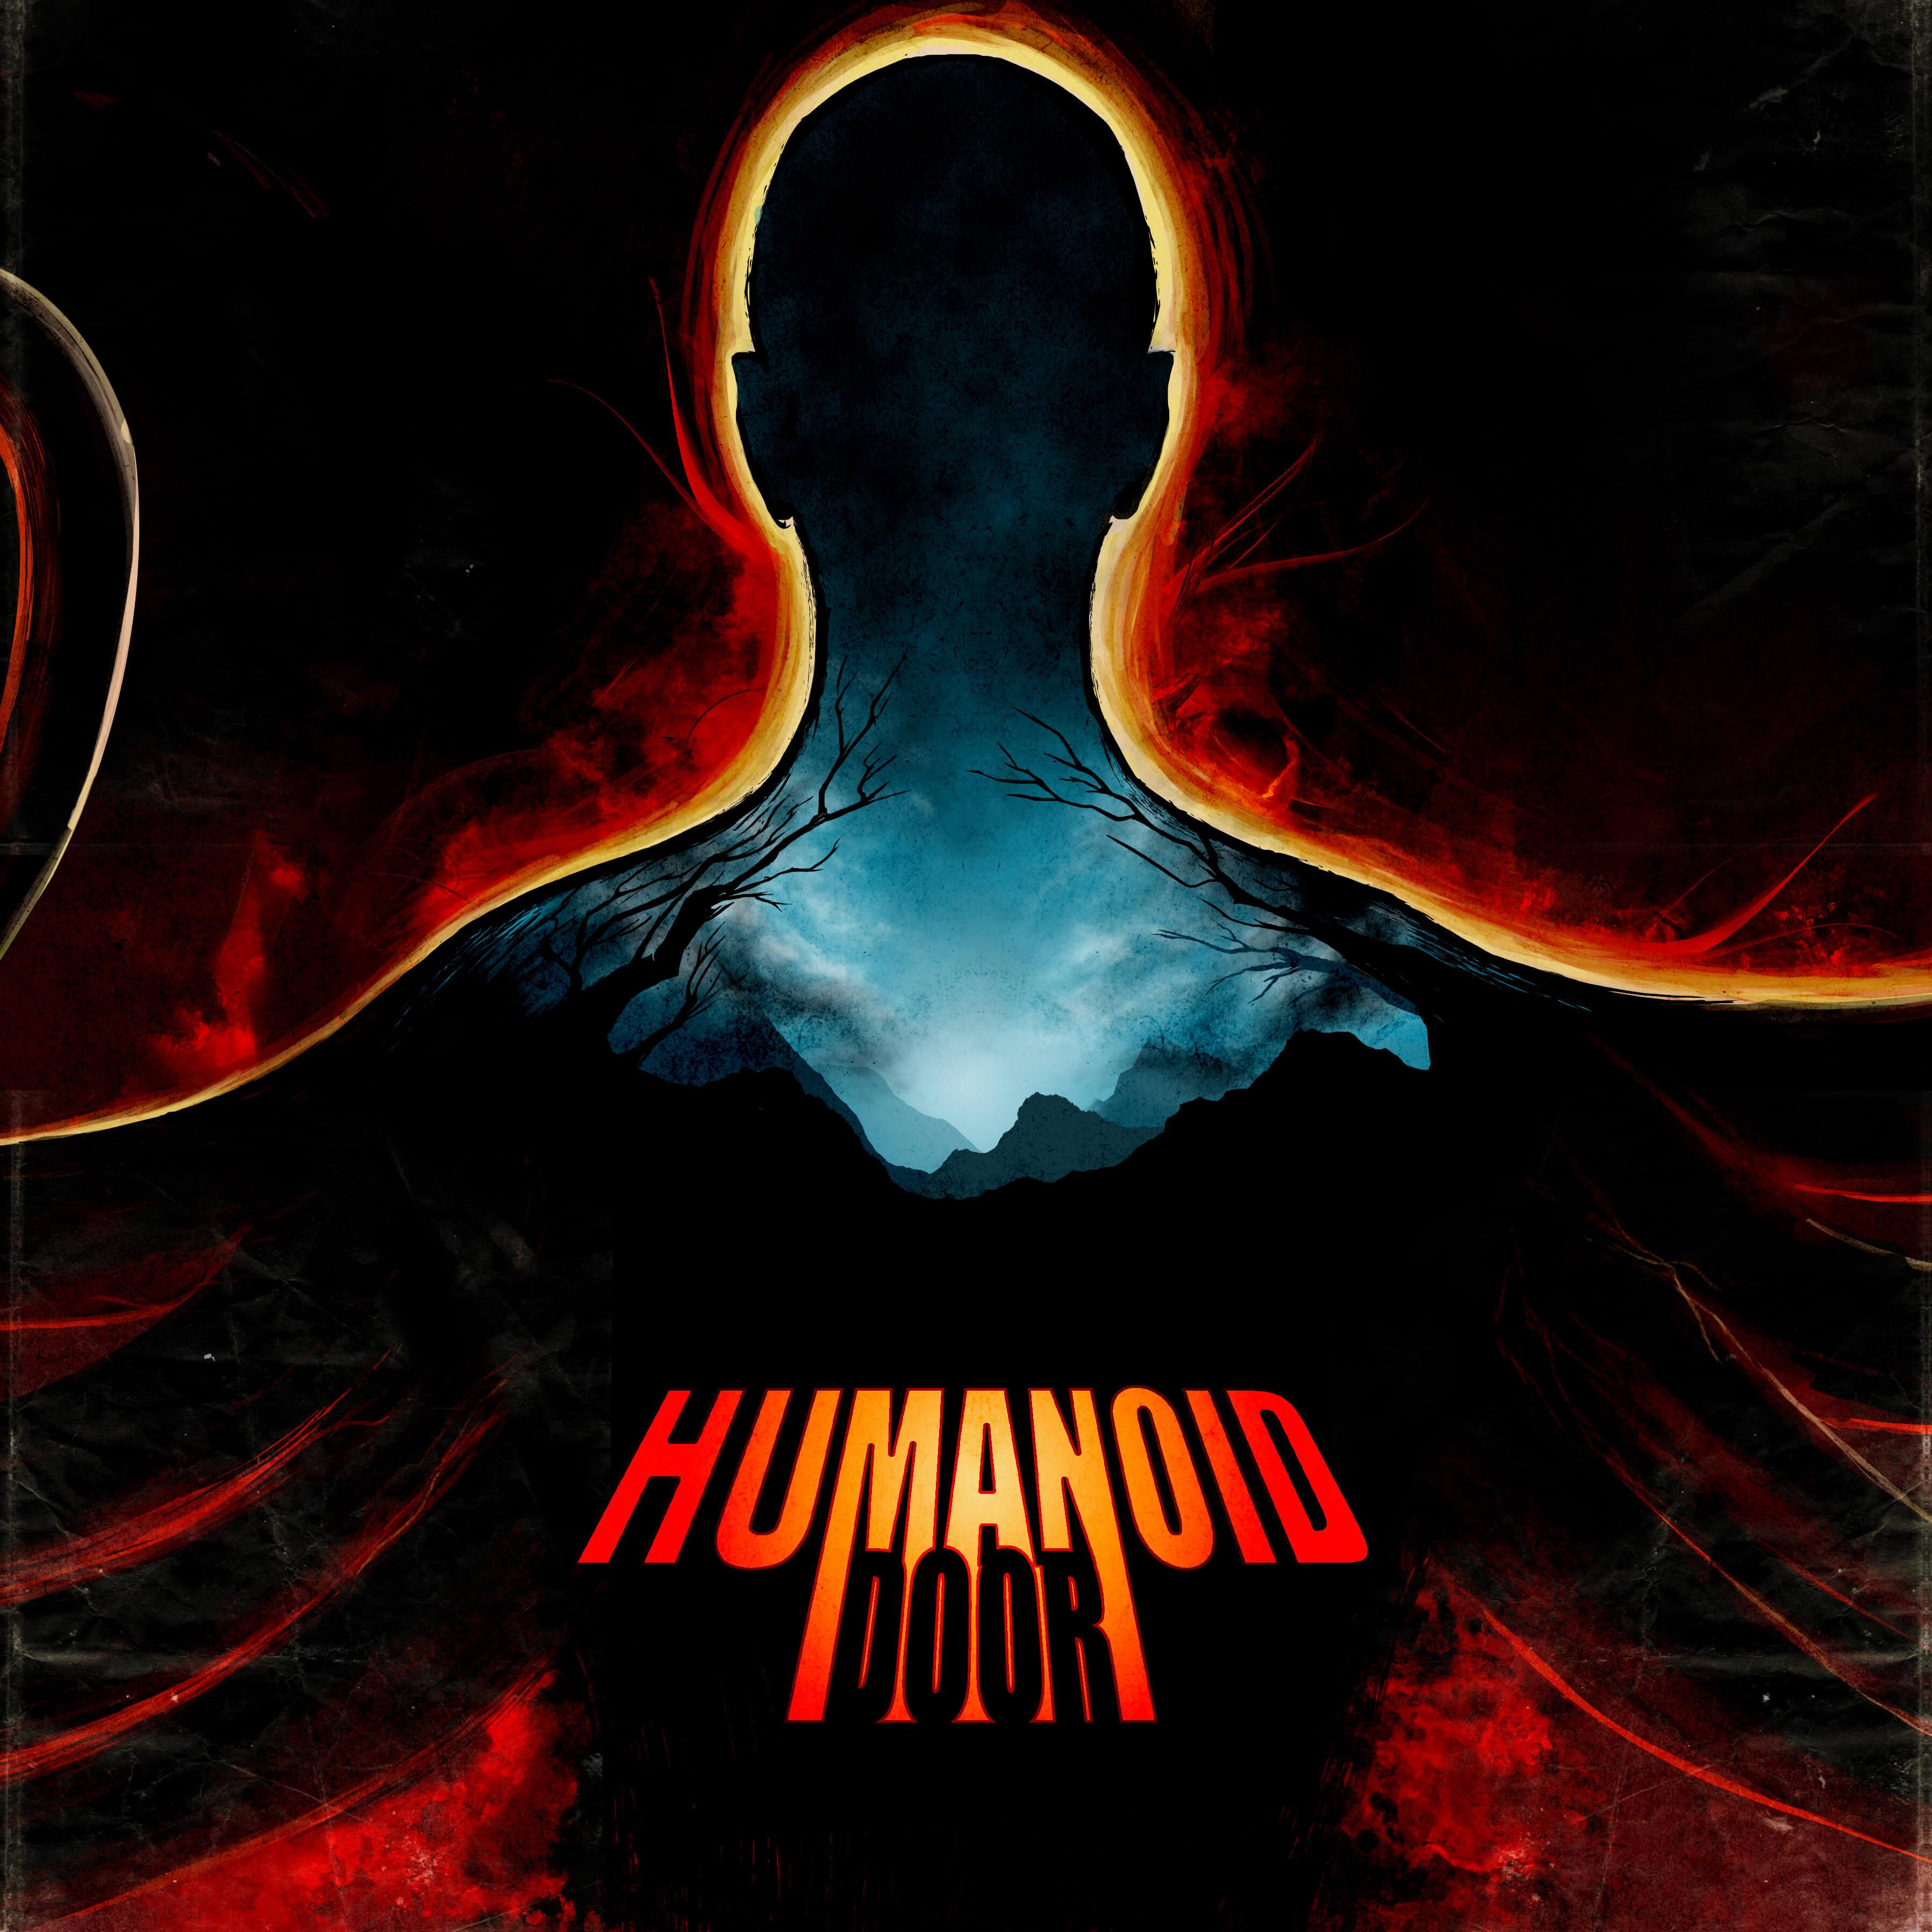 Humanoid Door pochette